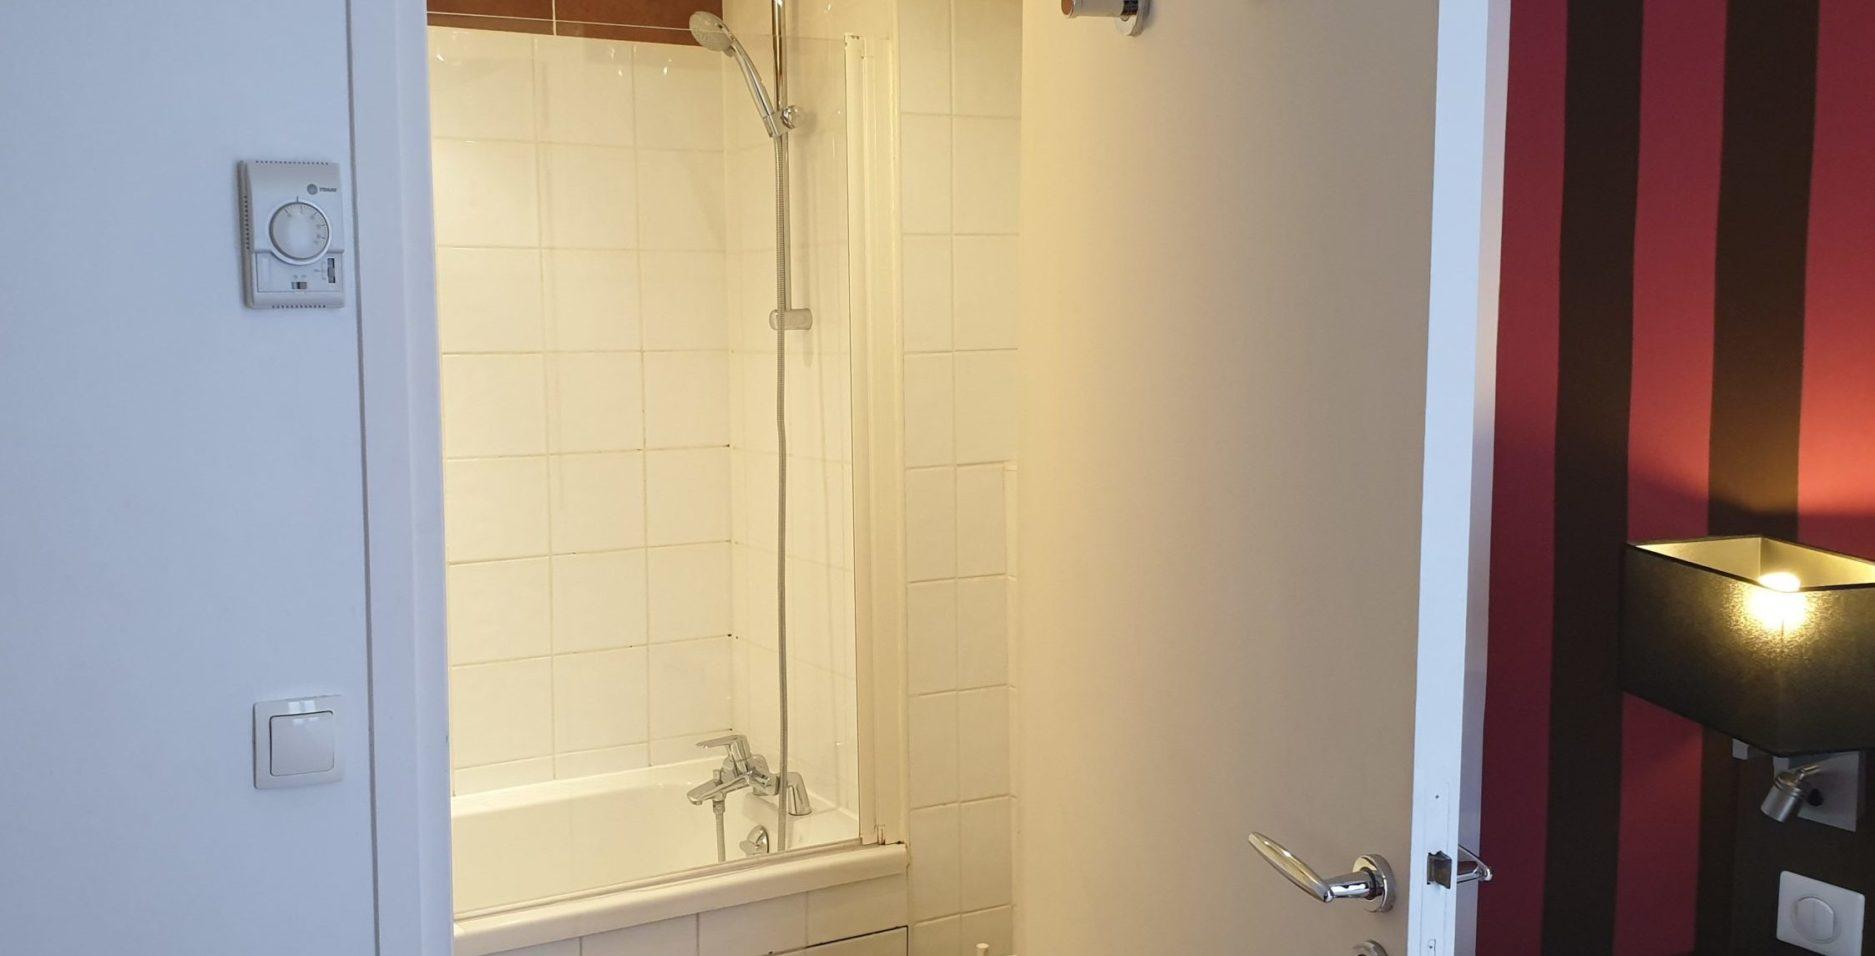 salle de bain double classique - hôtel star champs-élysées (4)